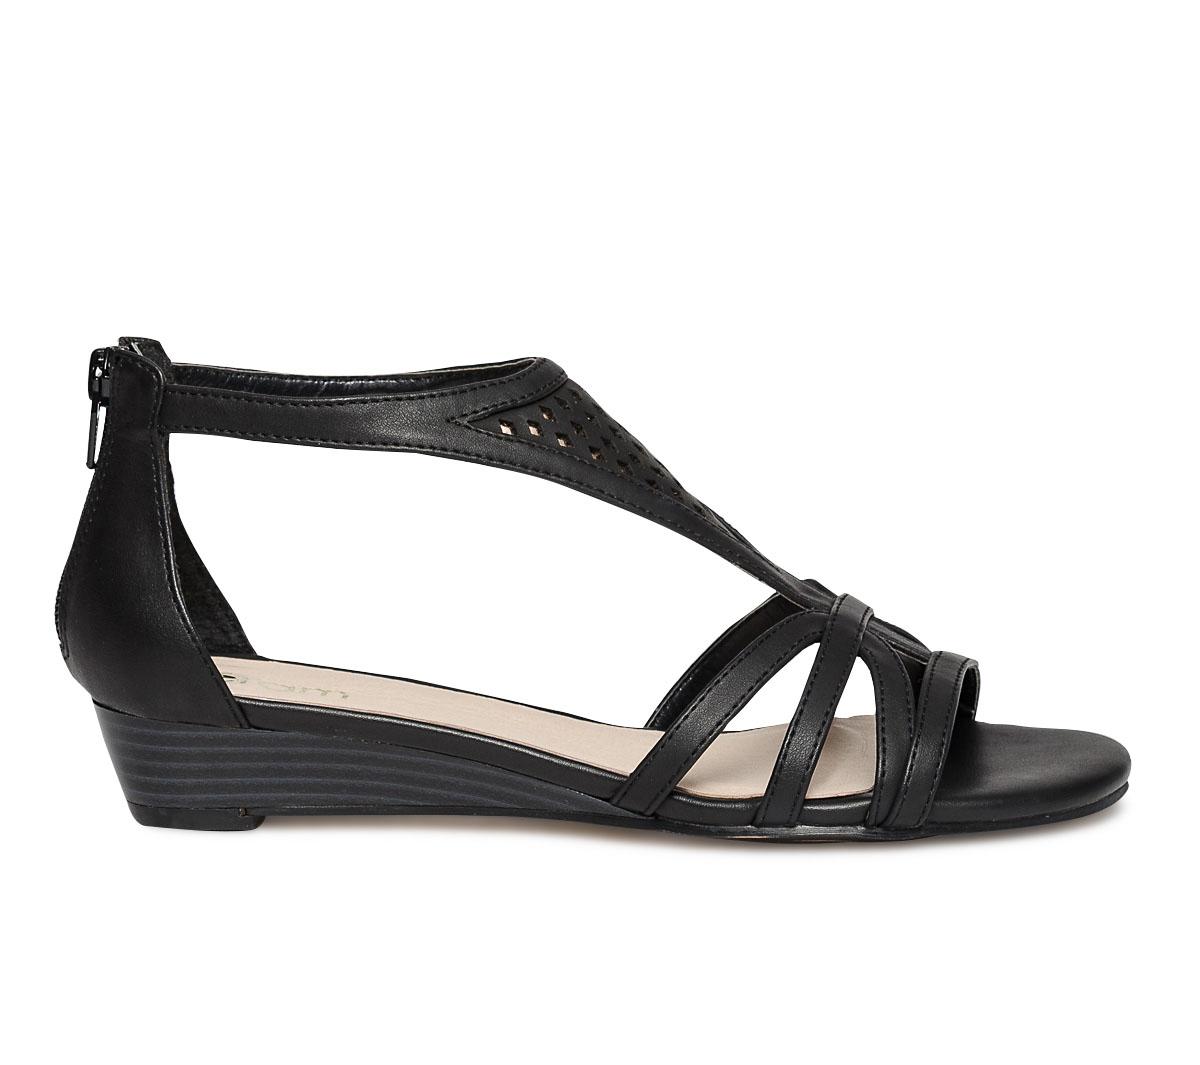 Et Sandale Compensée Eram Noire Cuivrée Lj34Aqc5R